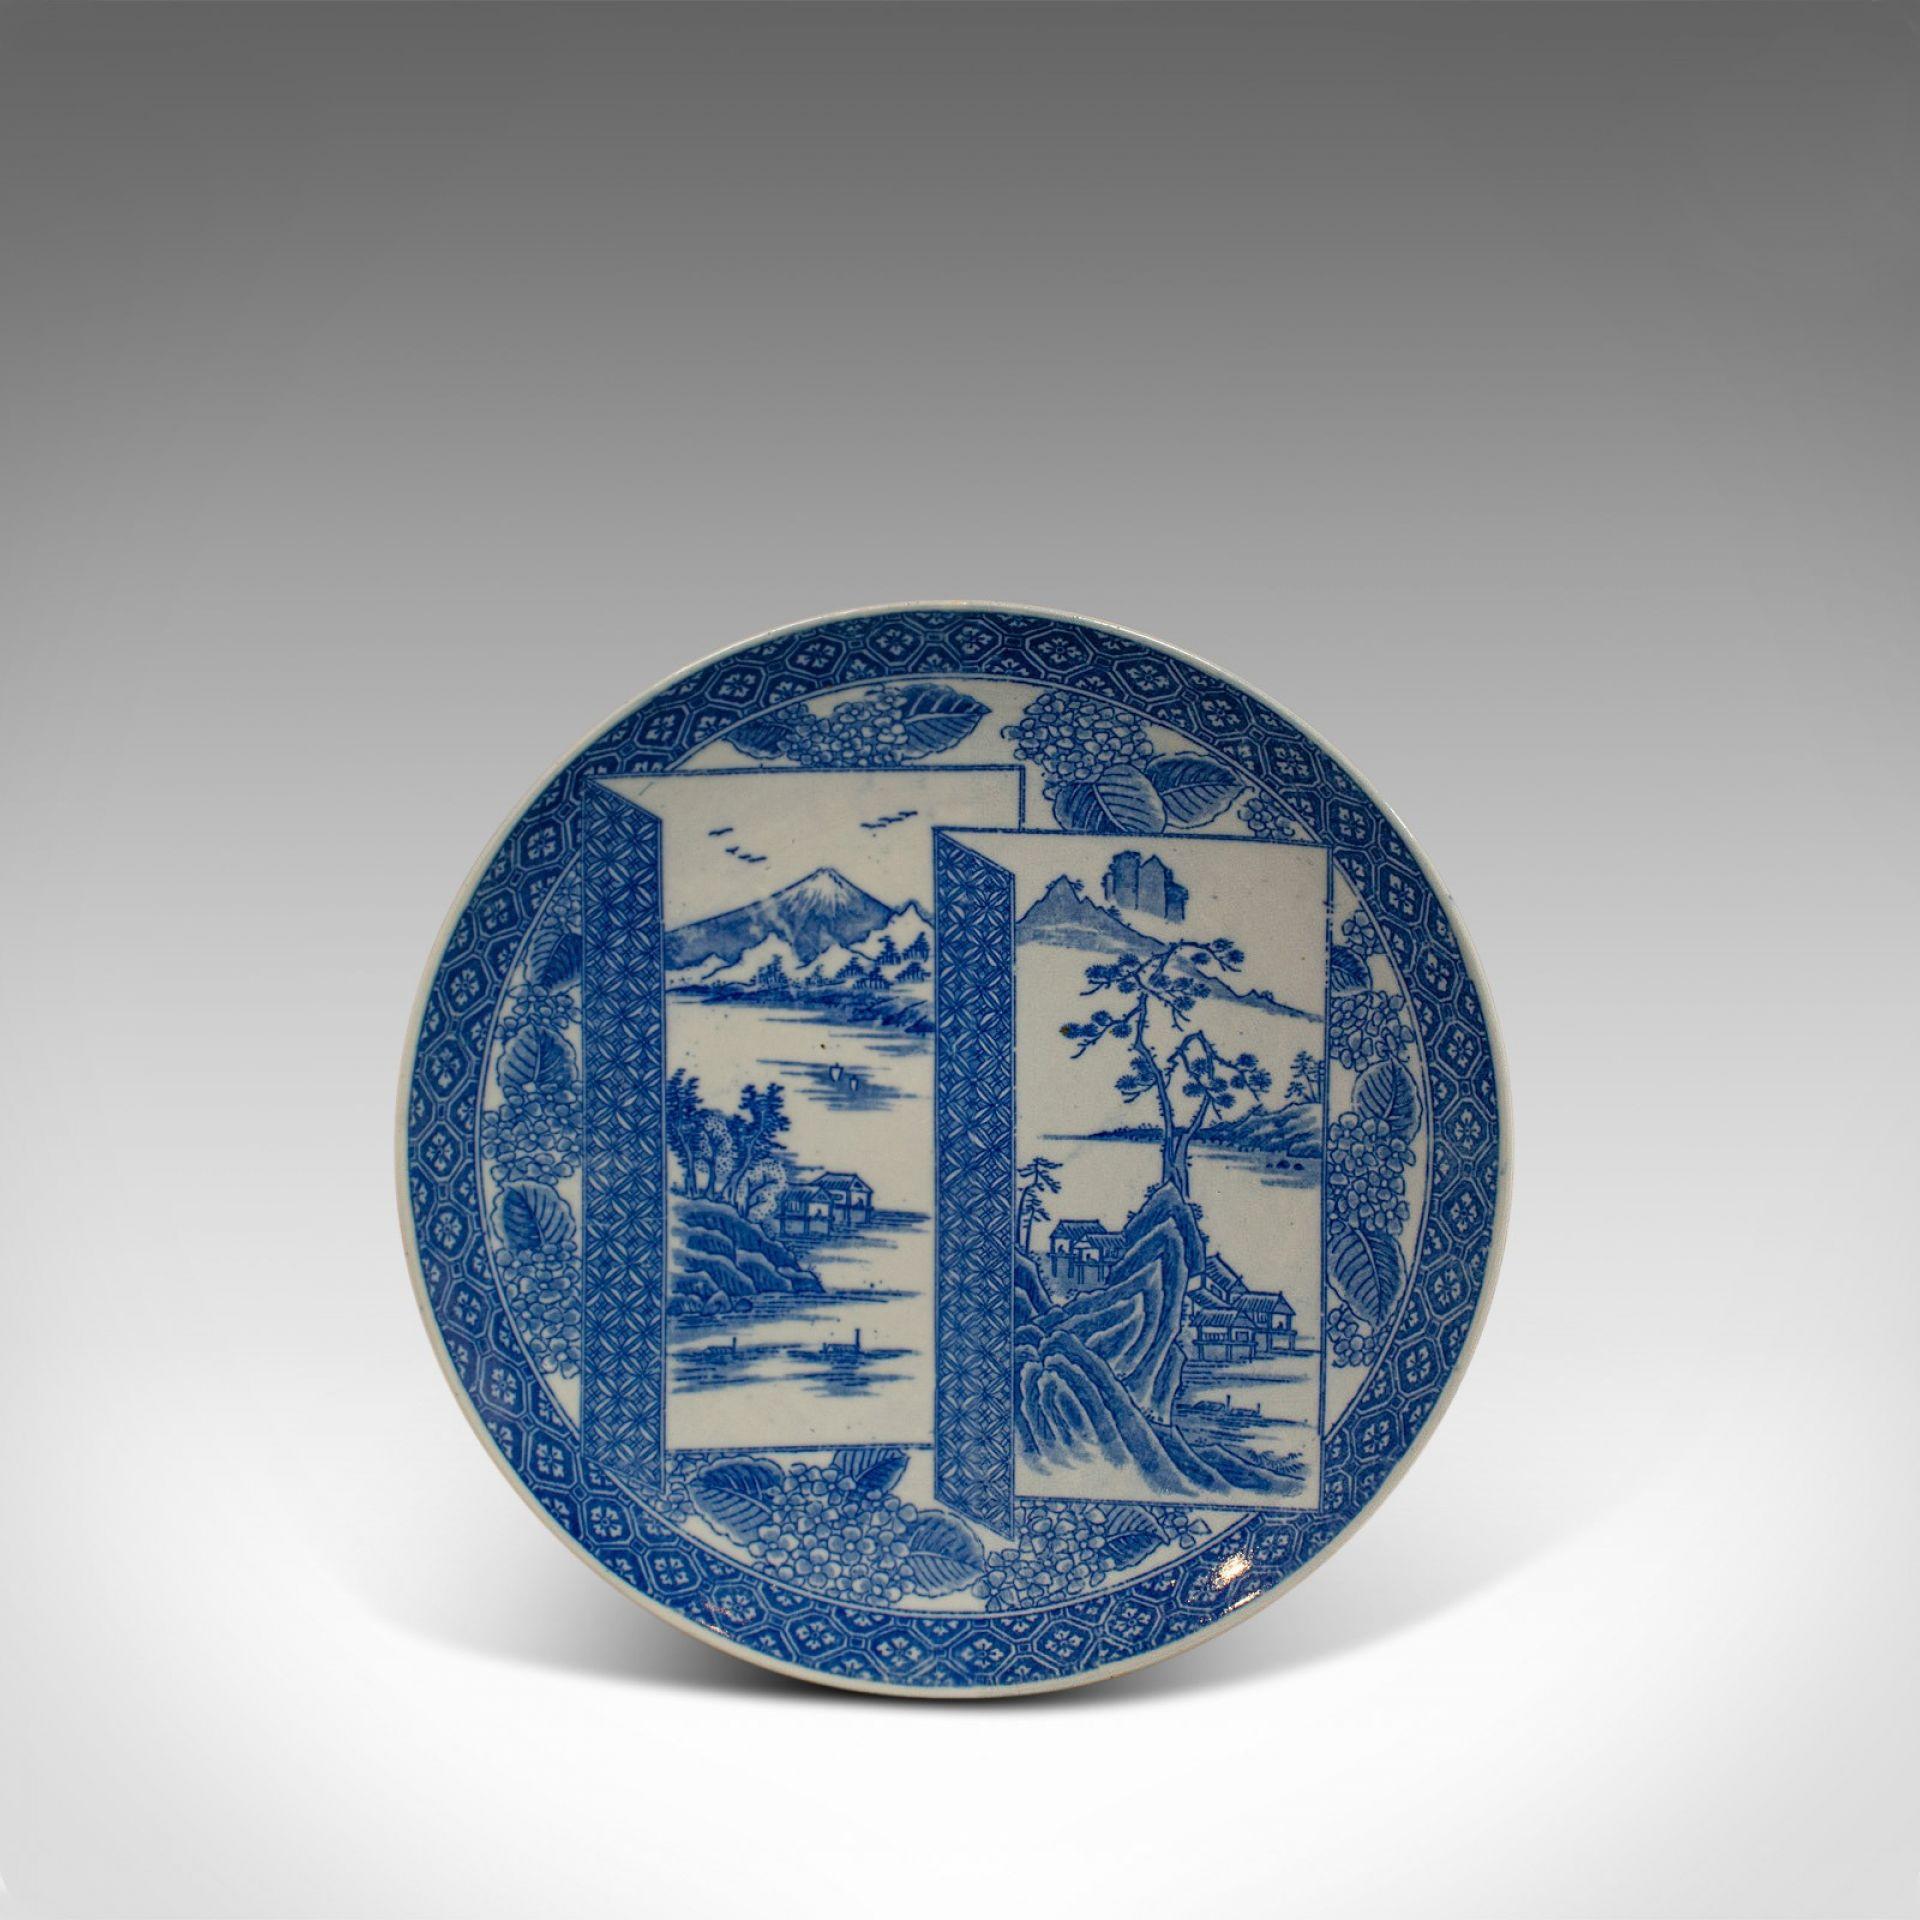 Vintage Decorative Plate, Arita Taste, Japanese, Painted, Dish, 20th Century